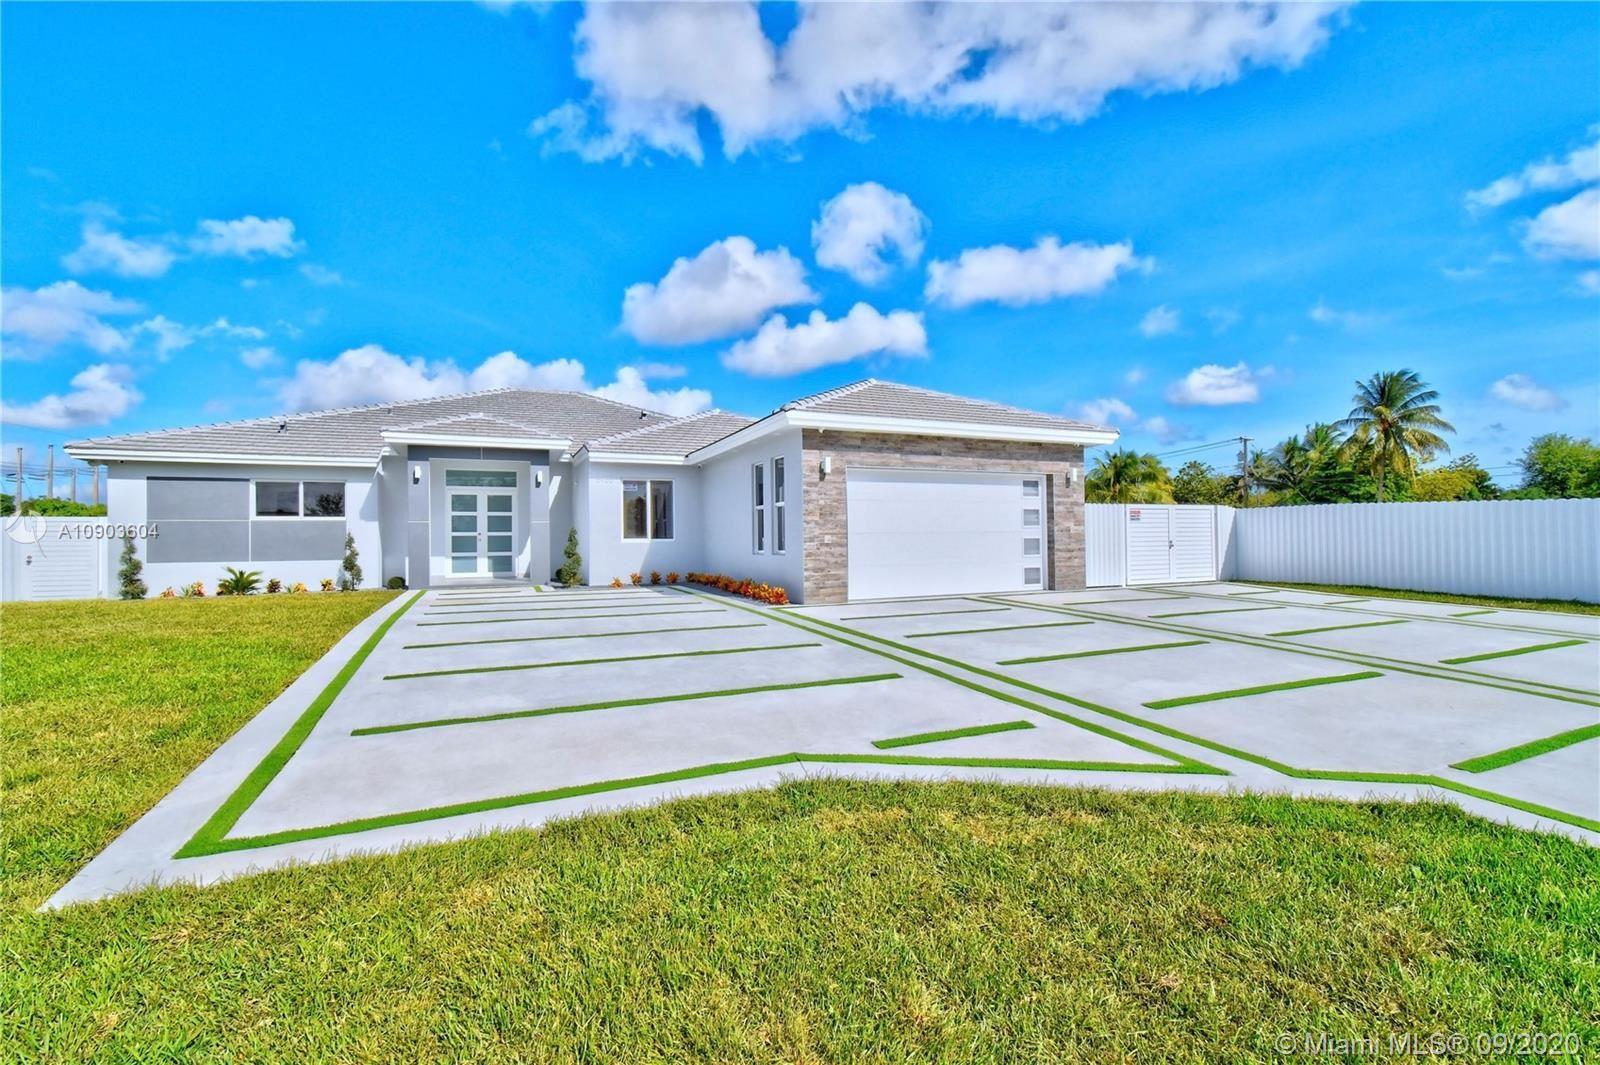 5955 SW 107th Ave, Miami, FL 33173 - #: A10903604